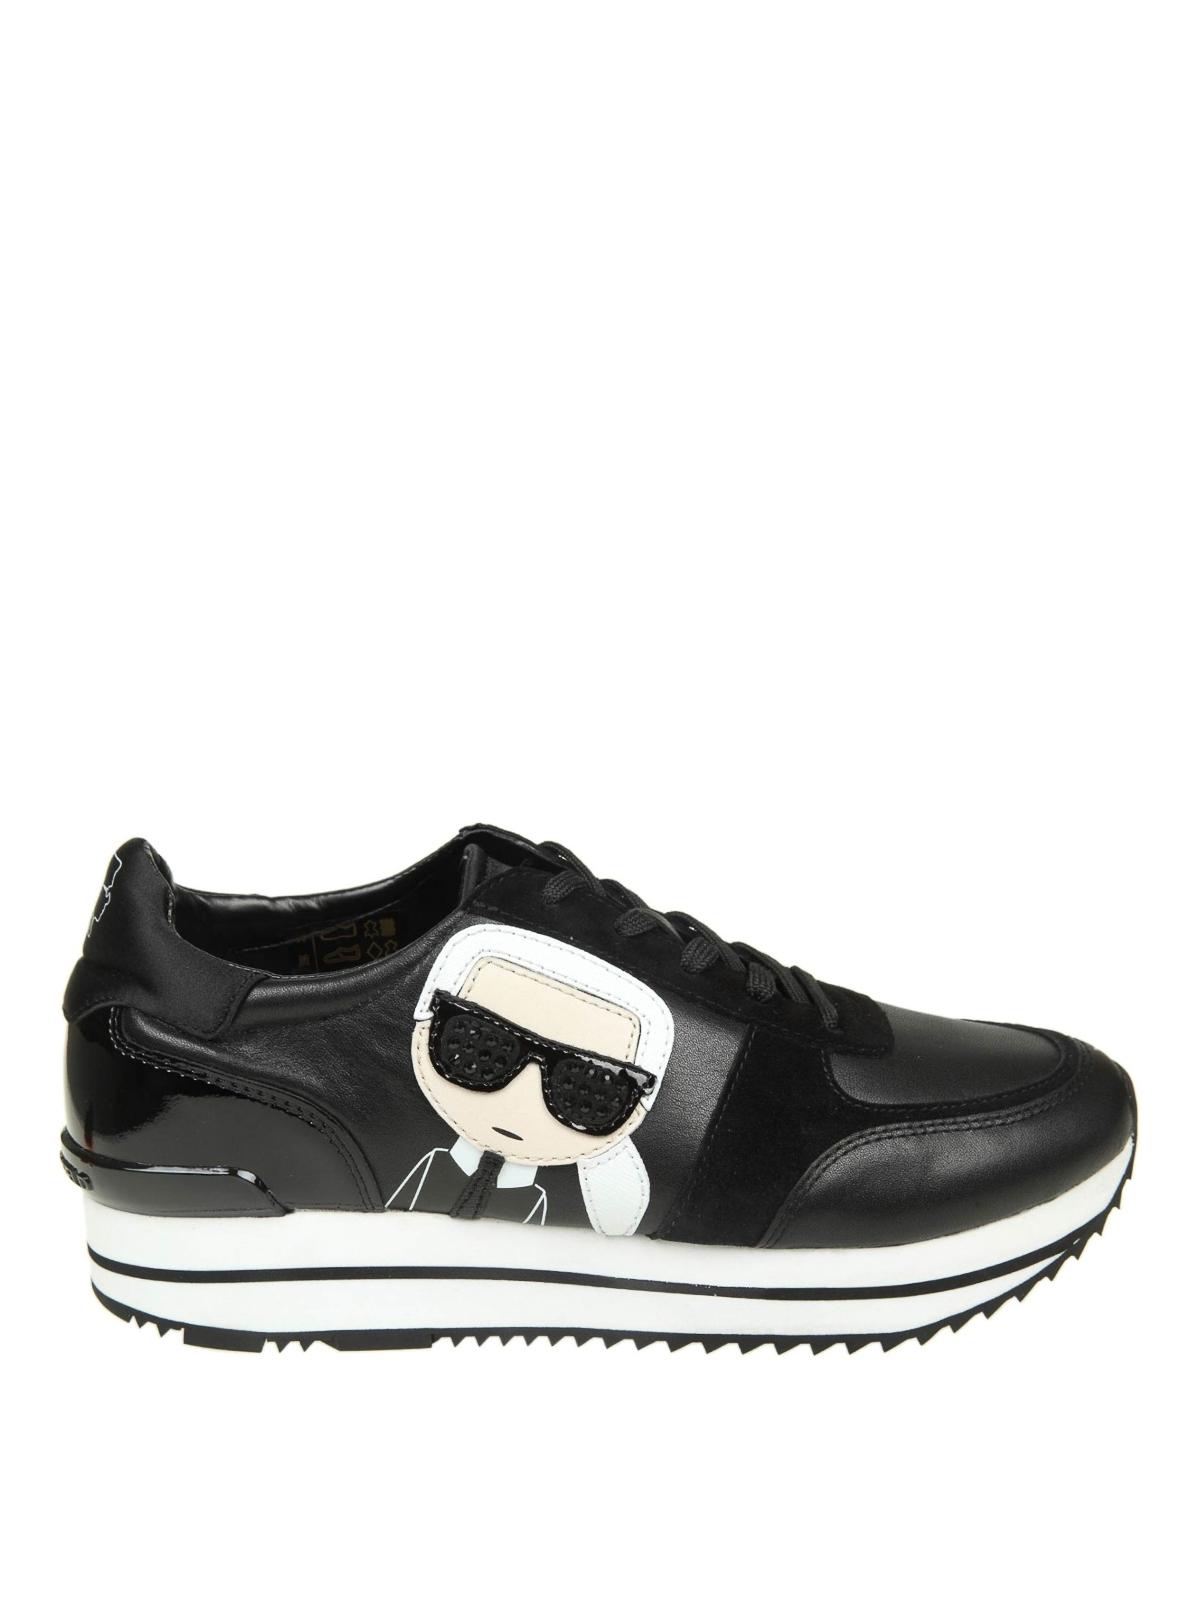 Karl Lagerfeld Sneakers For Women Modesens